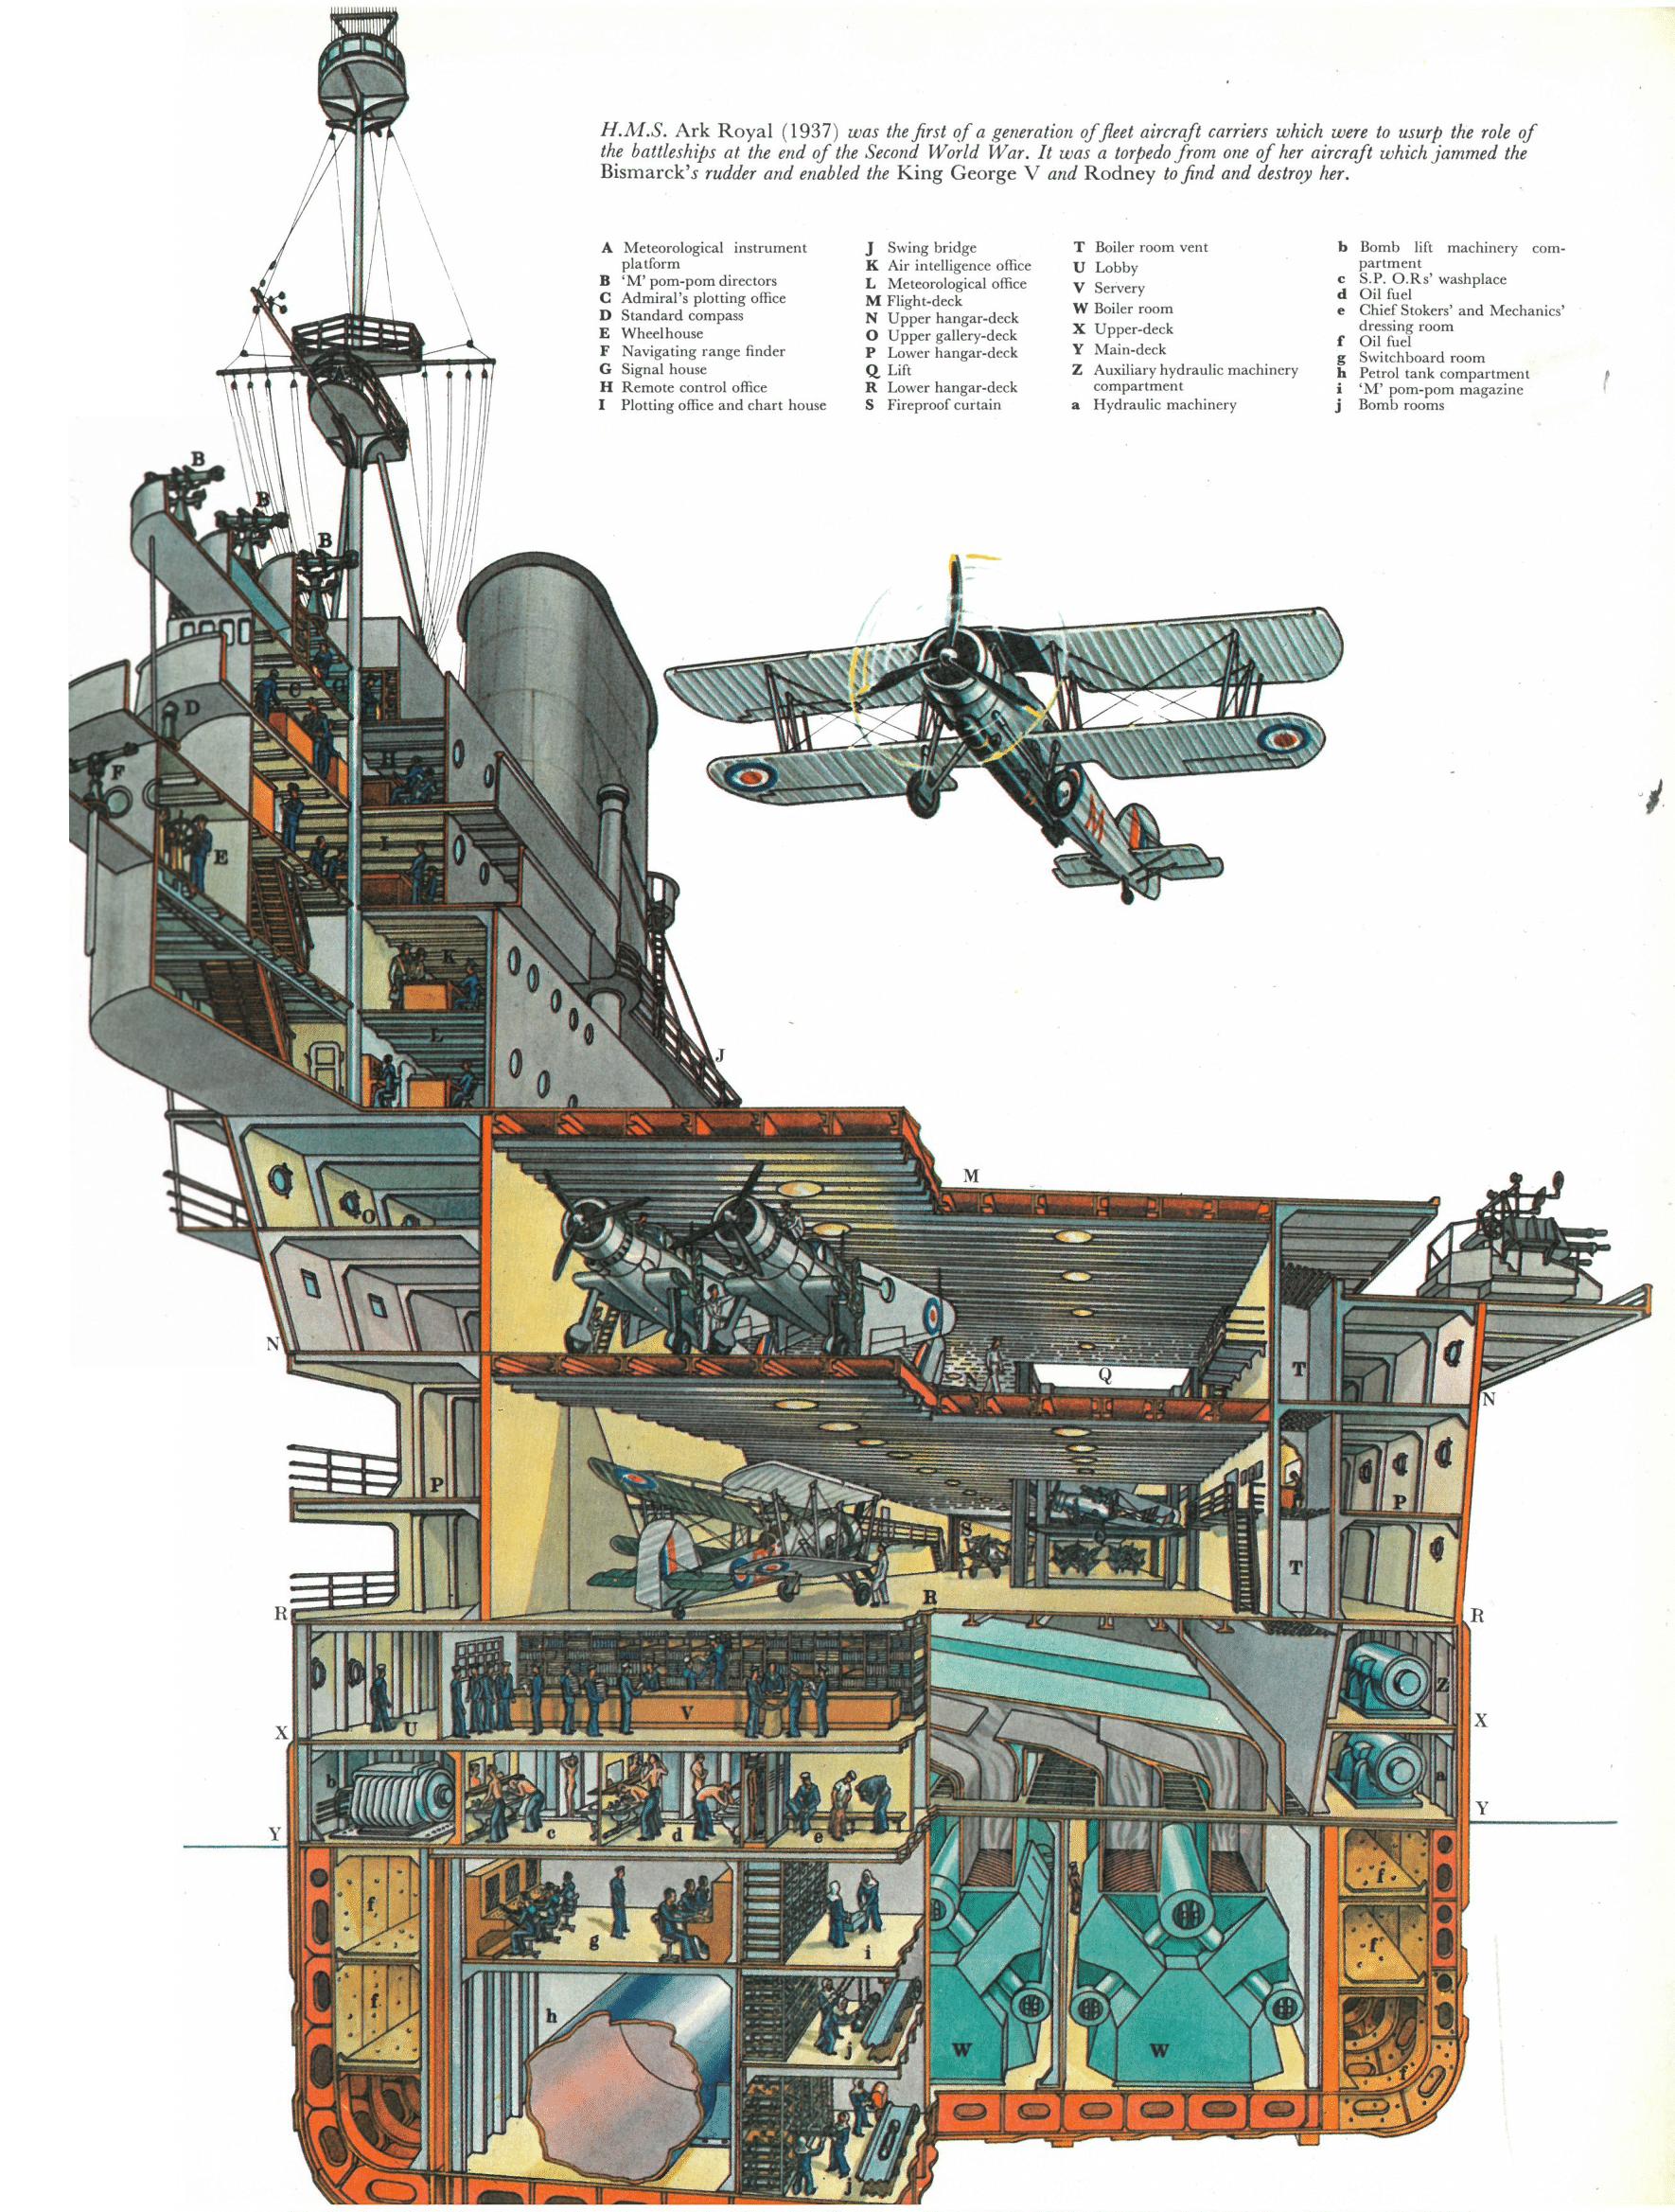 BRITISH ROYAL NAVY WAR SHIP CROSS SECTION CUTAWAY PAINTING REAL CANVASART PRINT